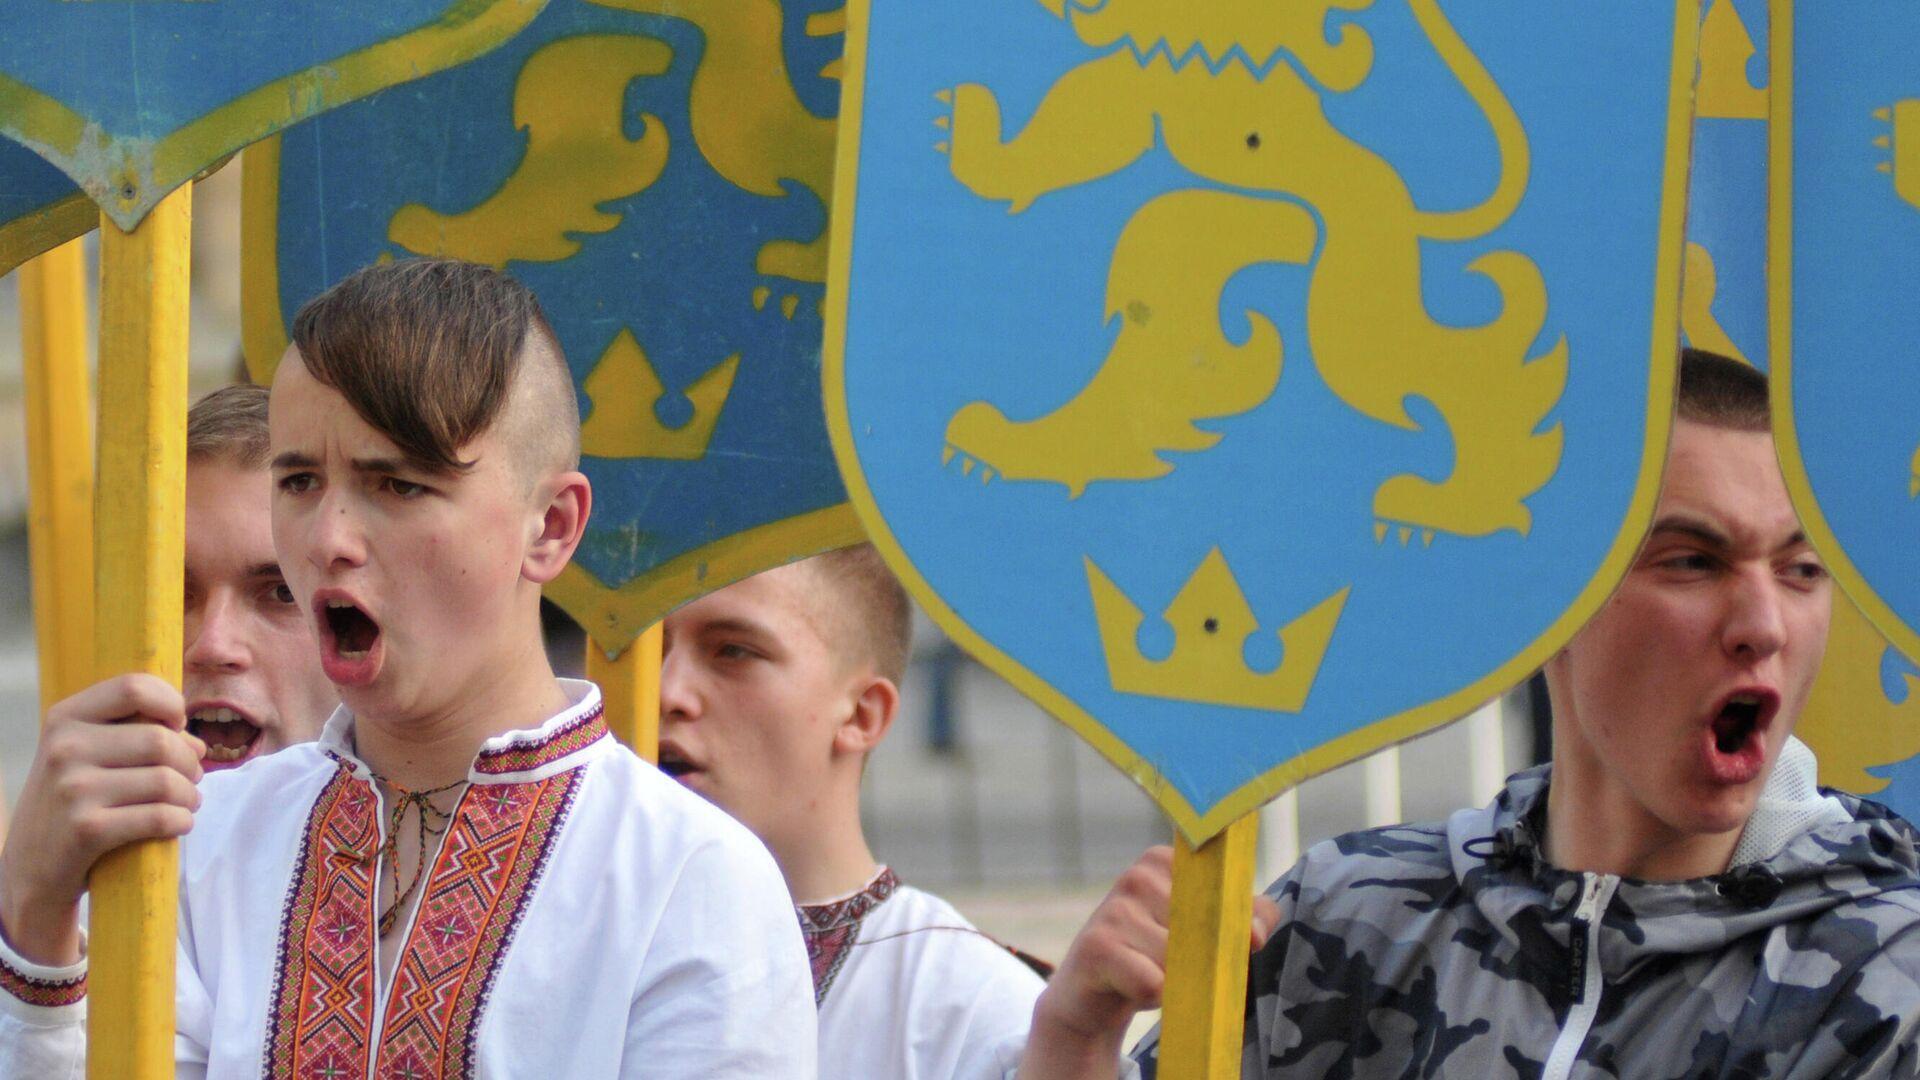 Marcha en honor a la fundación de la División Galizien de las Waffen-SS en Lvov (Ucrania), el 27 de abril del 2014 - Sputnik Mundo, 1920, 01.05.2021